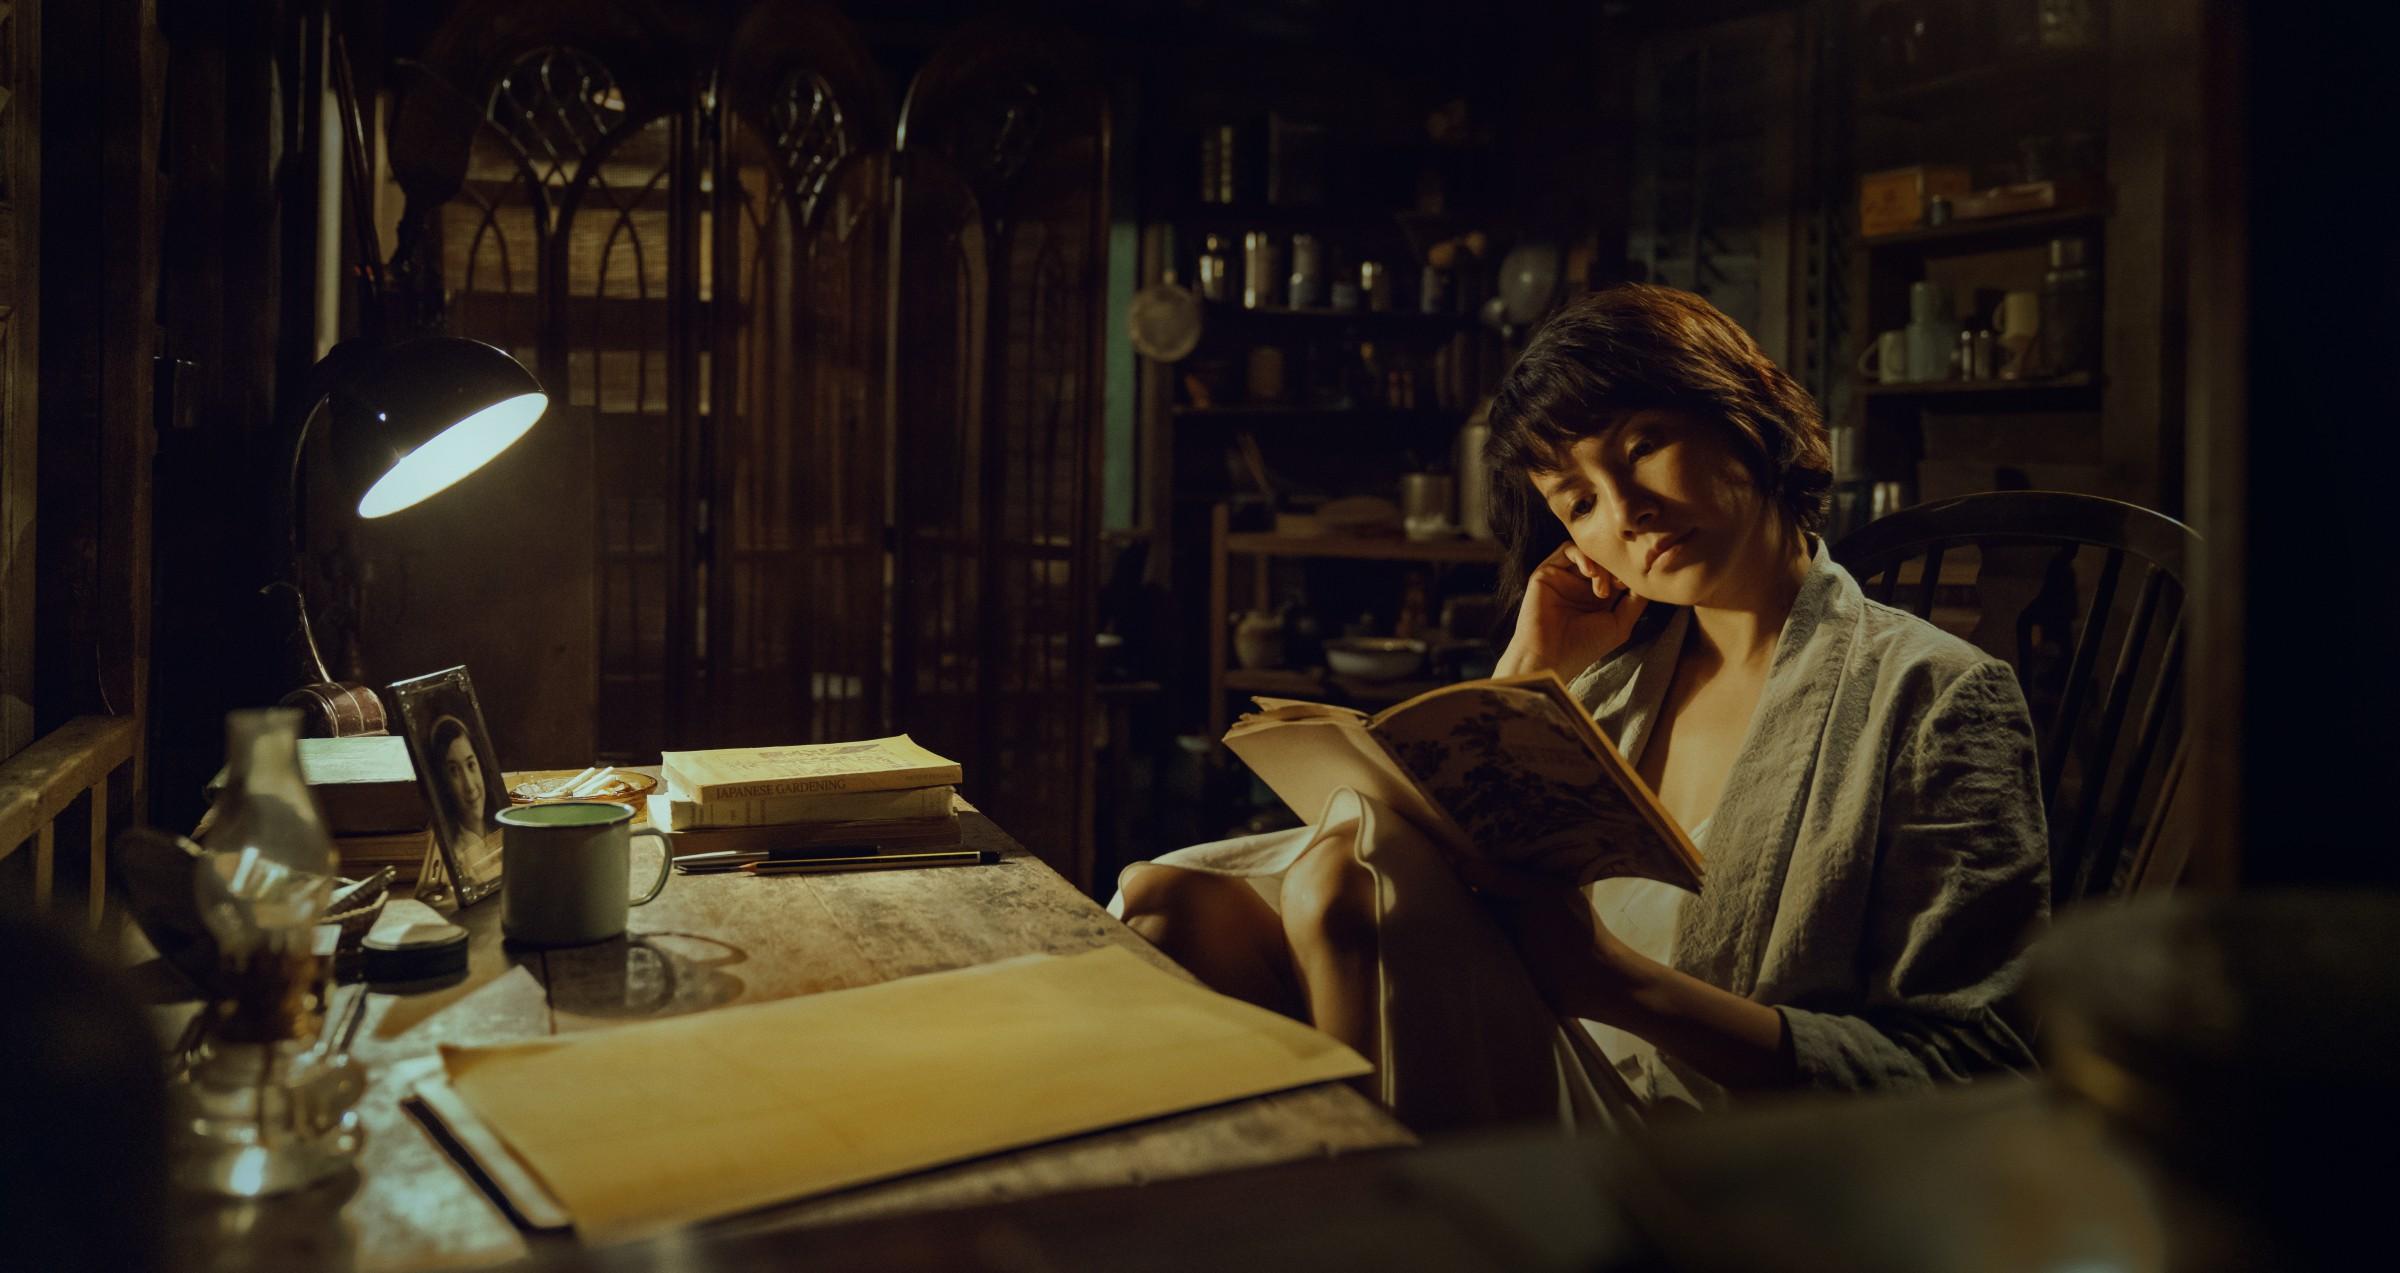 李心潔找了兩位老師苦練馬來西亞英式英文,同樣飾演女主角雲林的張艾嘉,則靠著李心潔的英文錄音來揣摩口音